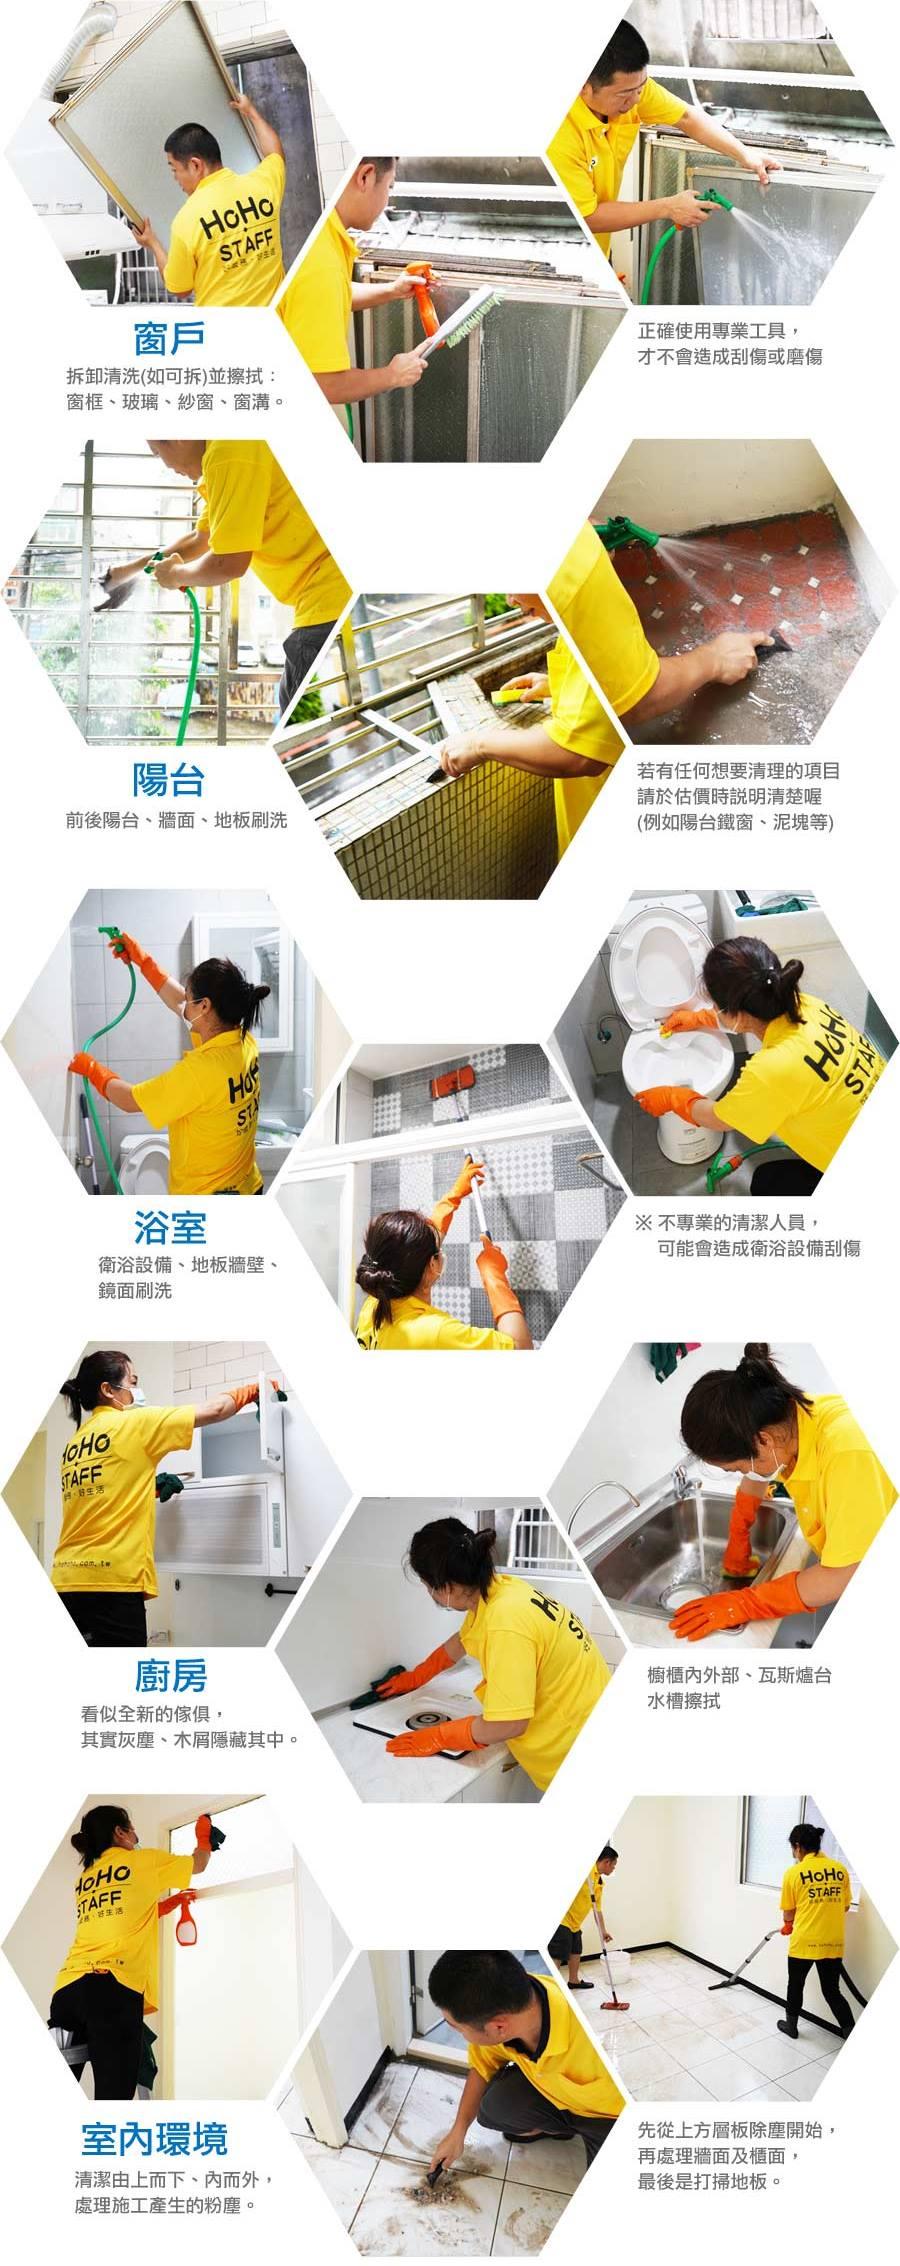 装修清洁项目